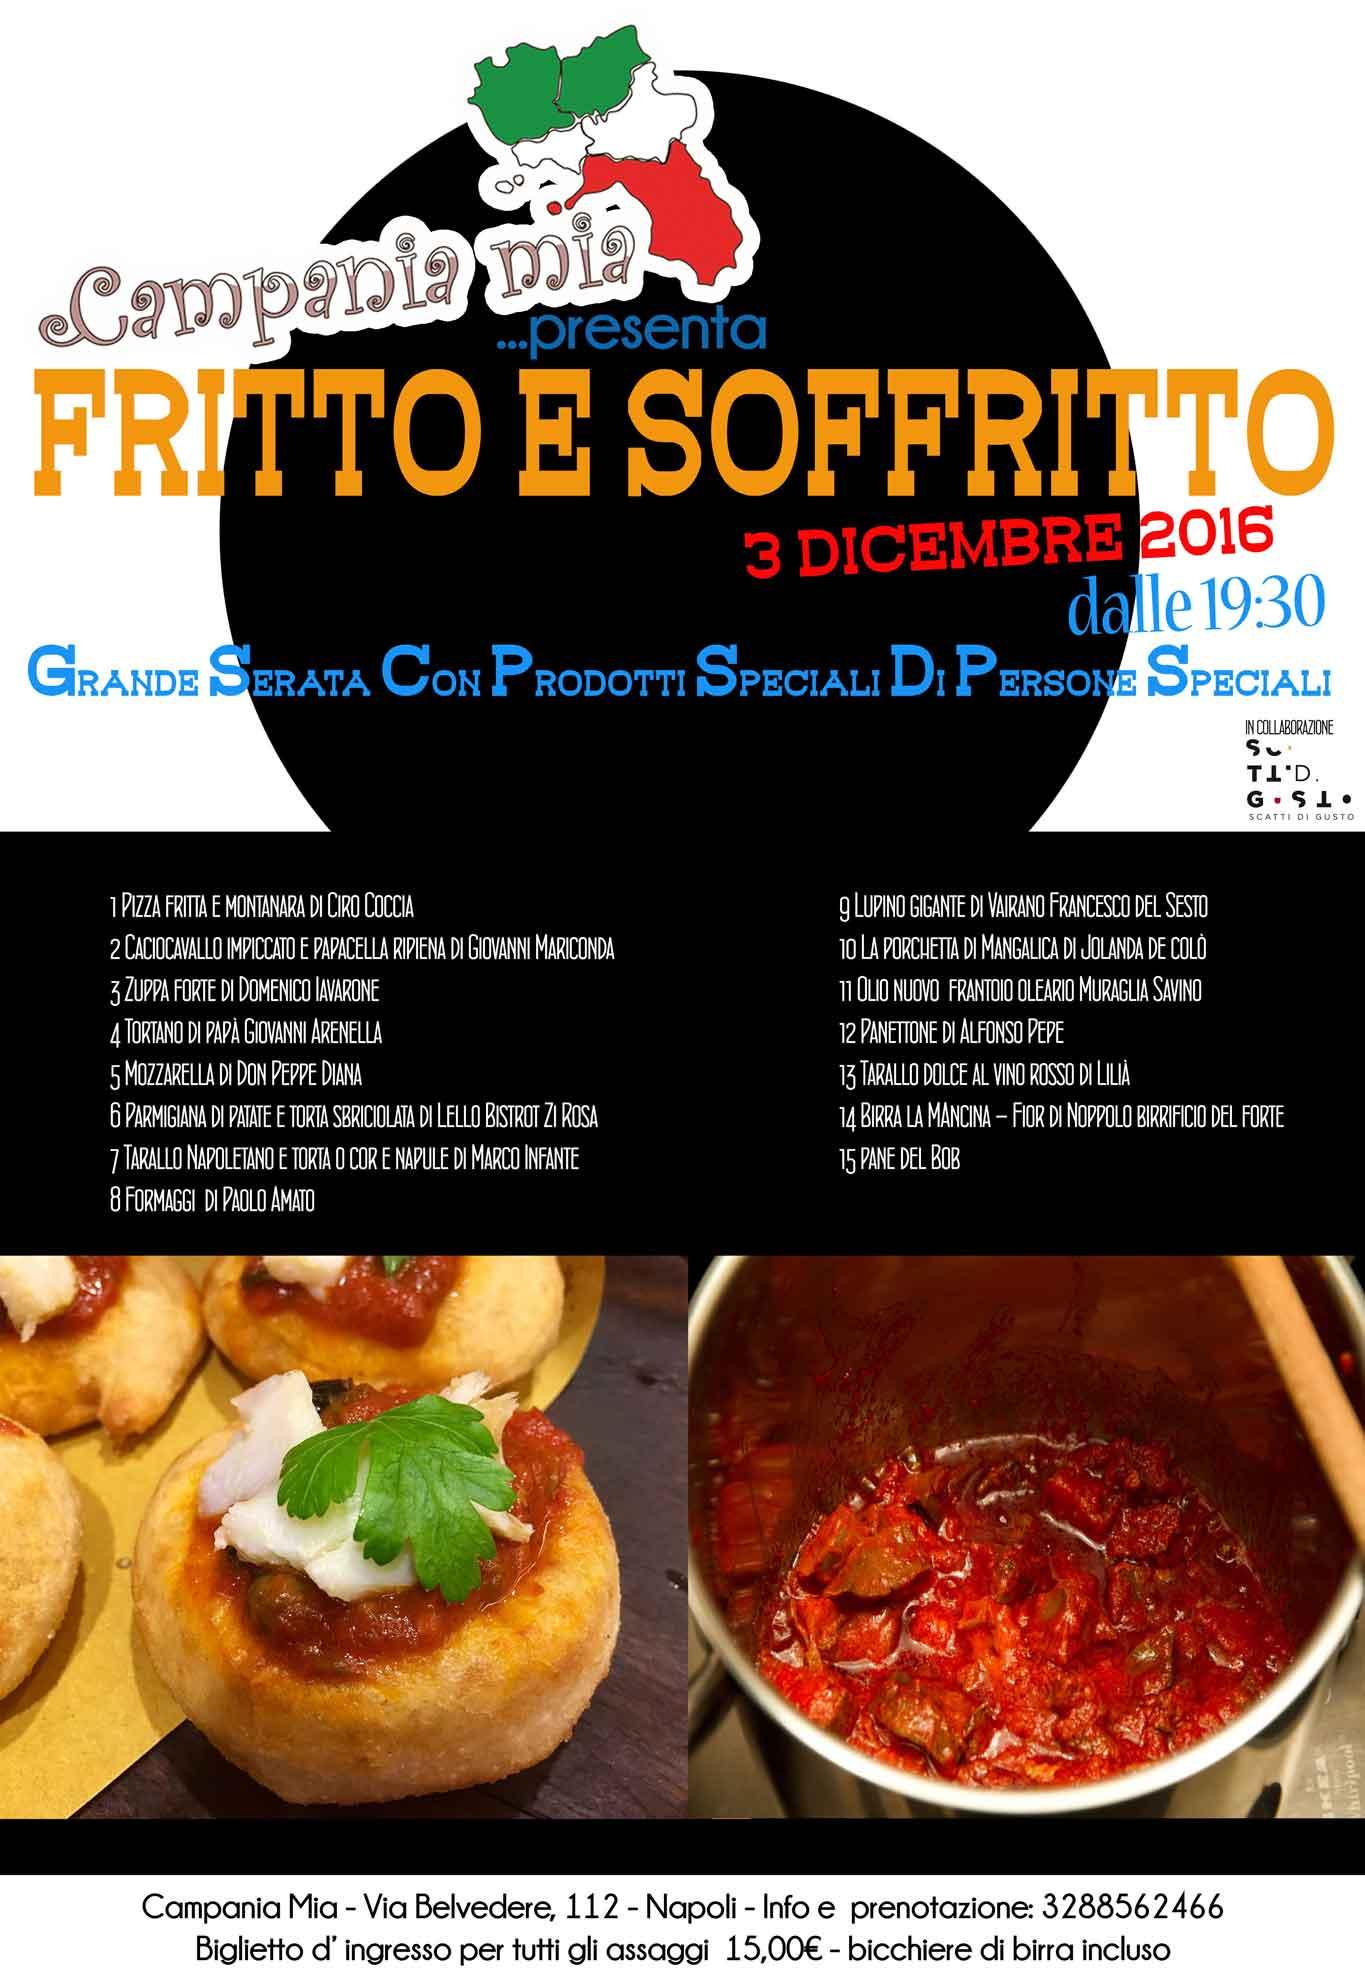 fritto-e-soffritto-evento-3-dicembre-campania-mia